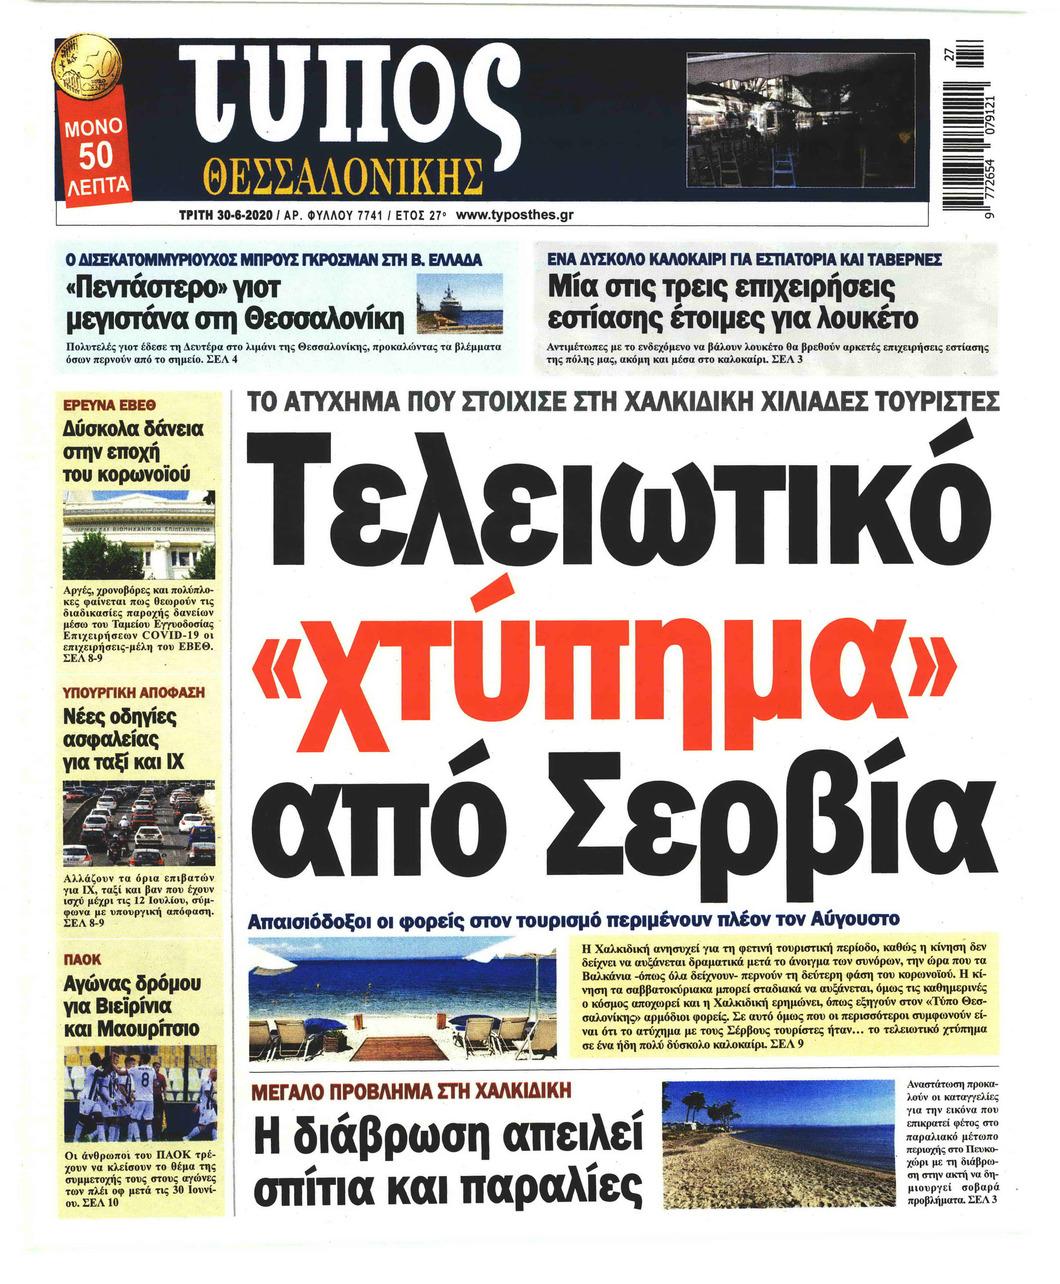 Πρωτοσέλιδο εφημερίδας Τύπος Θεσσαλονίκης